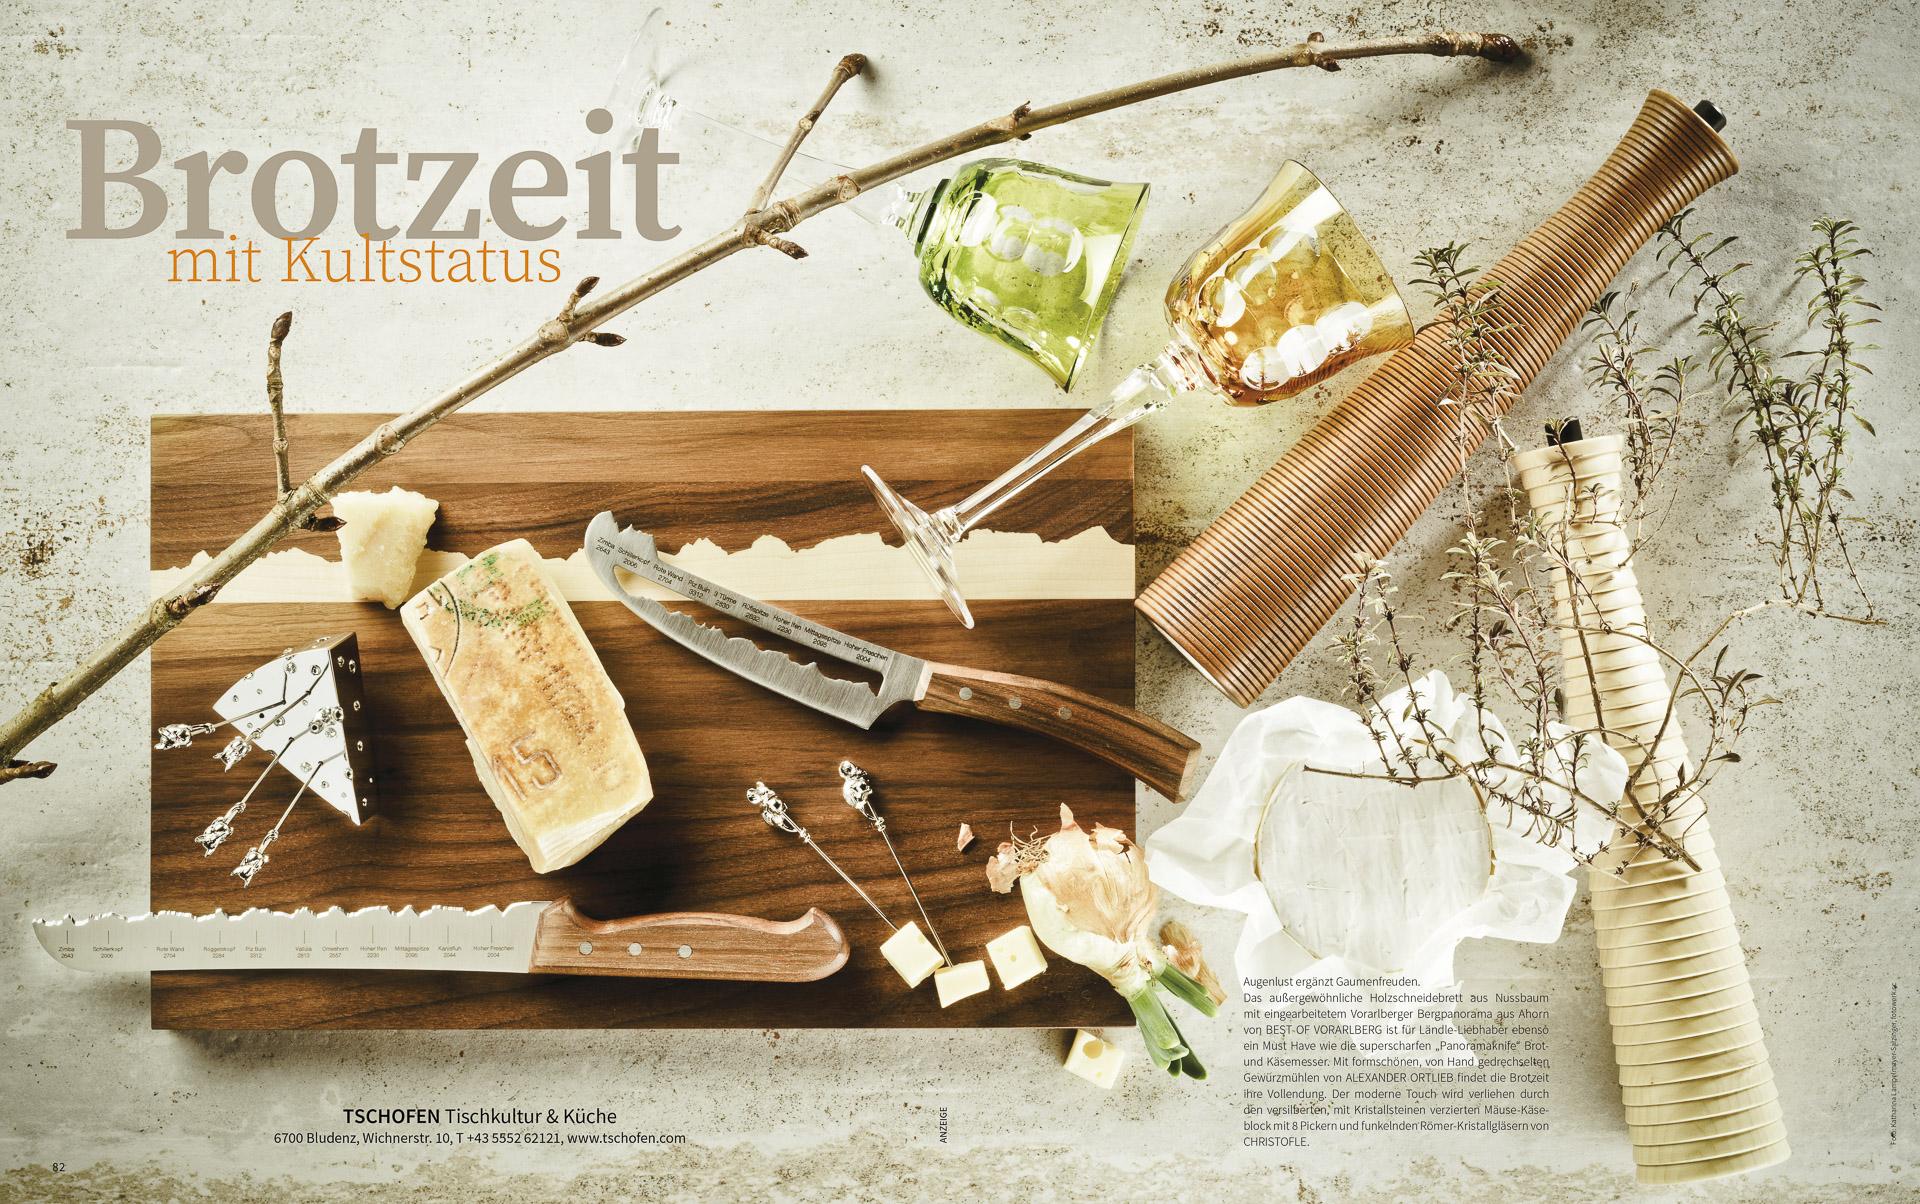 Fotowerk Lampelmayer - Produktfotografie für Tschofen Tischkultur